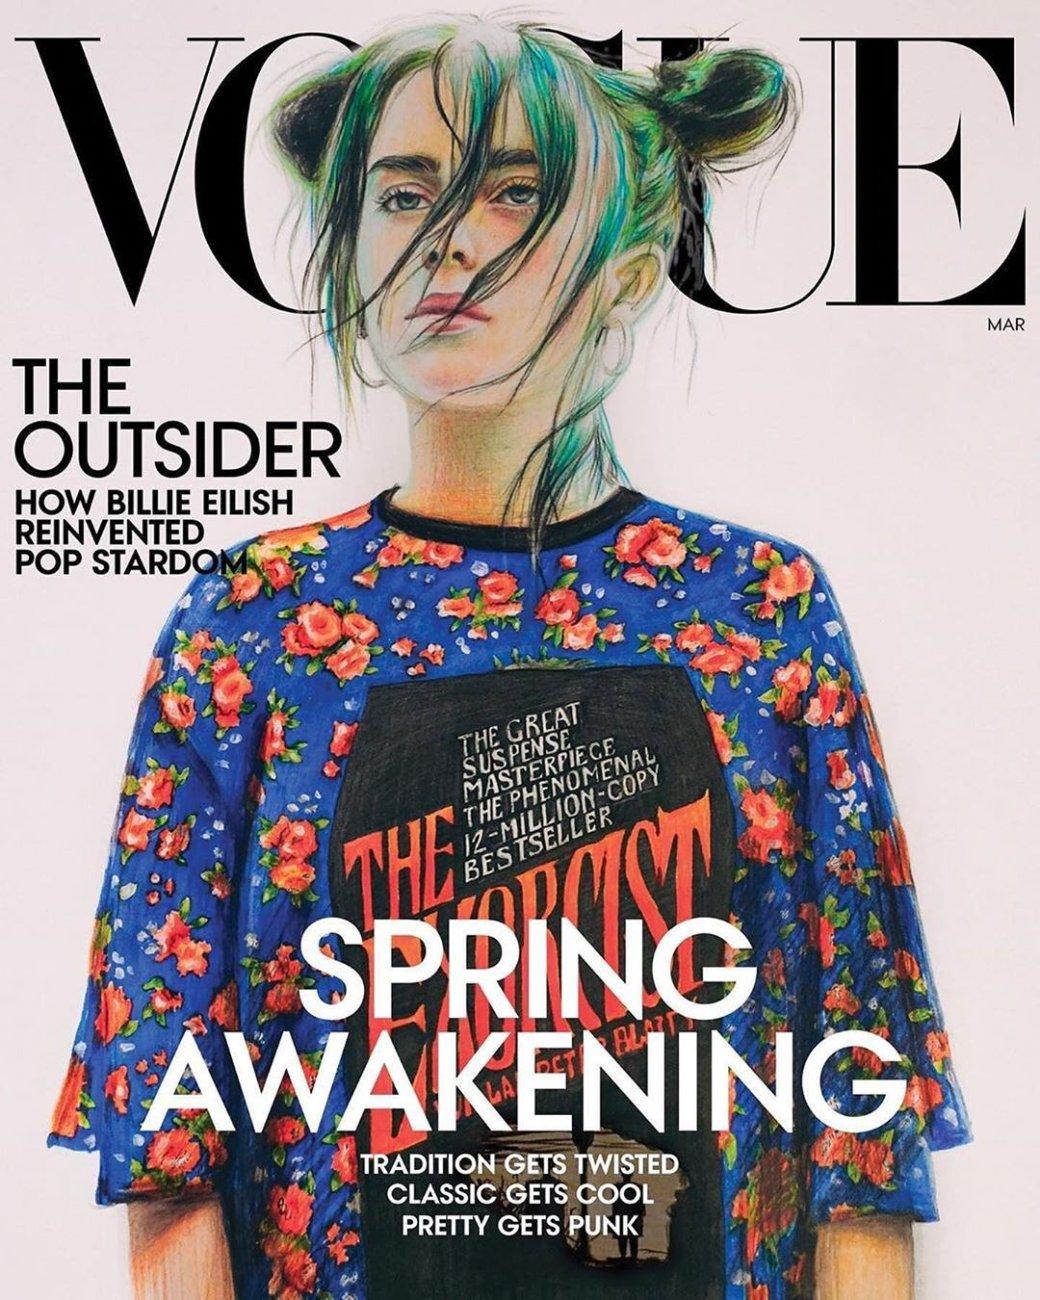 Российская школьница нарисовала Билли Айлиш для американского журнала Vogue   Канобу - Изображение 0